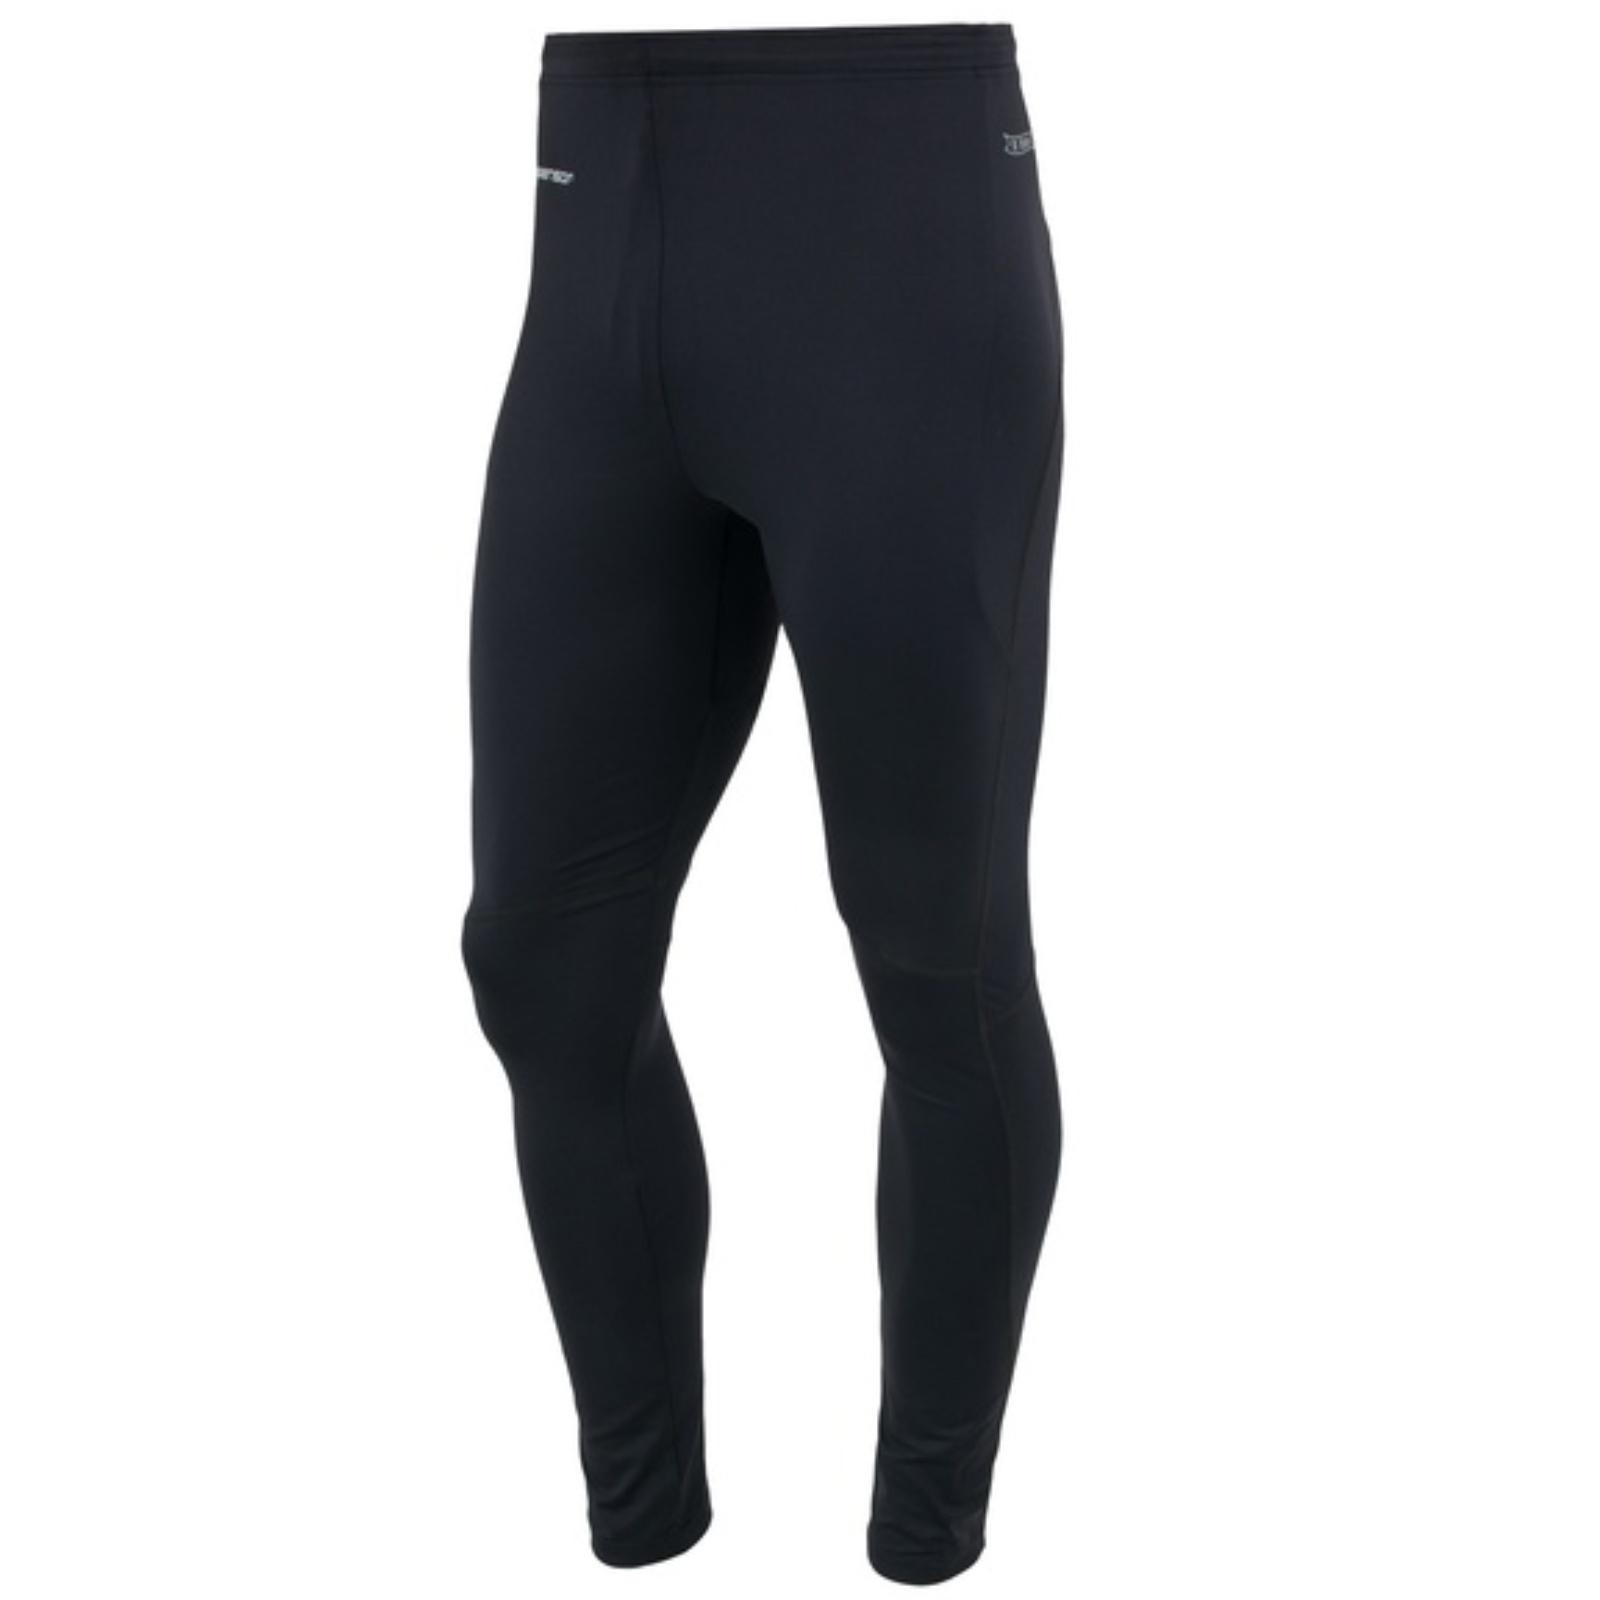 Sensor Motion pánské kalhoty černá